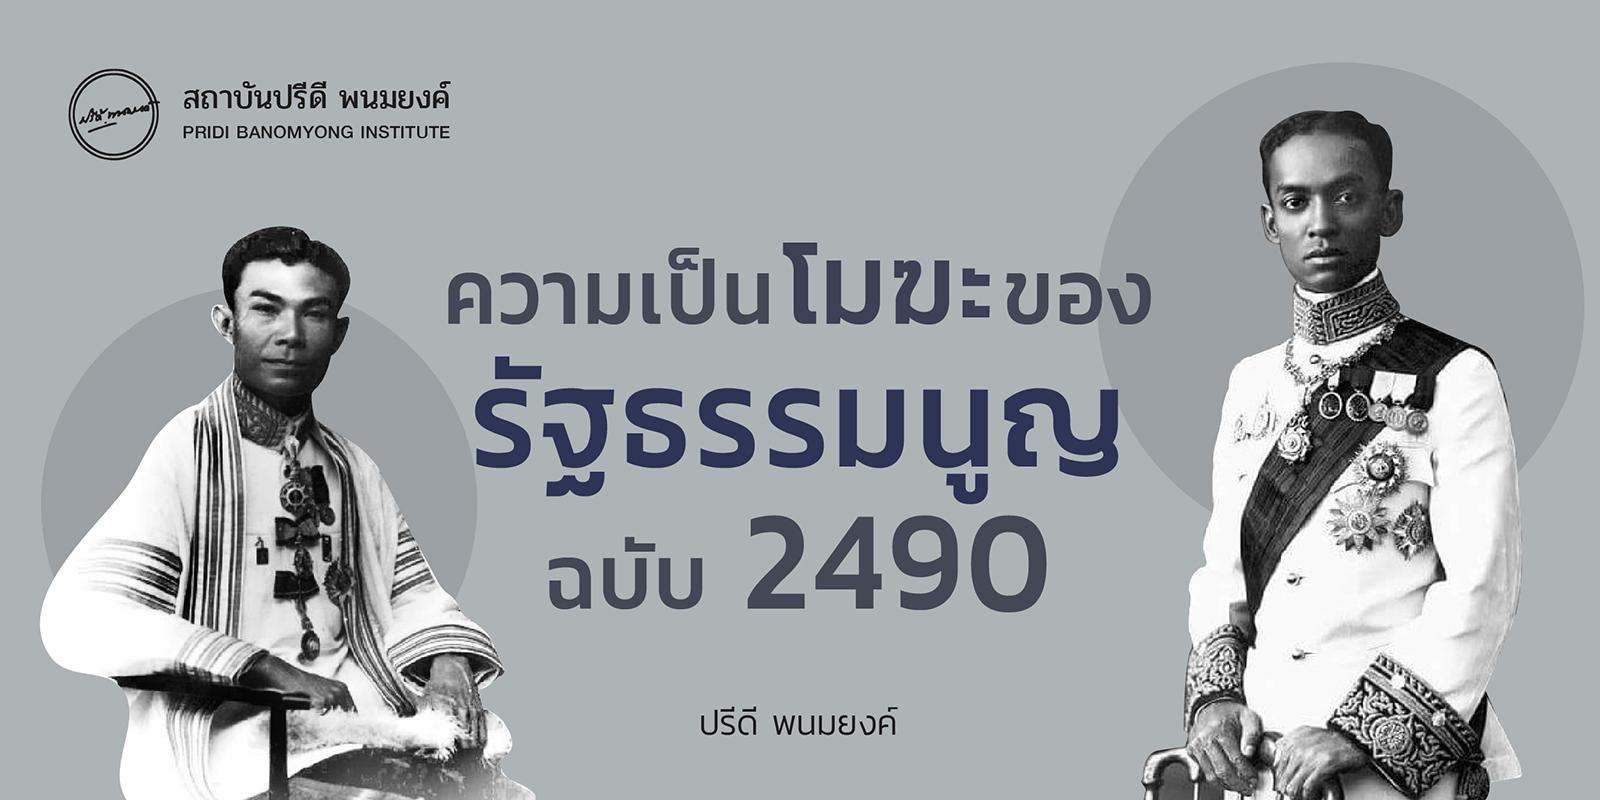 ความเป็นโมฆะของรัฐธรรมนูญฉบับ 2490